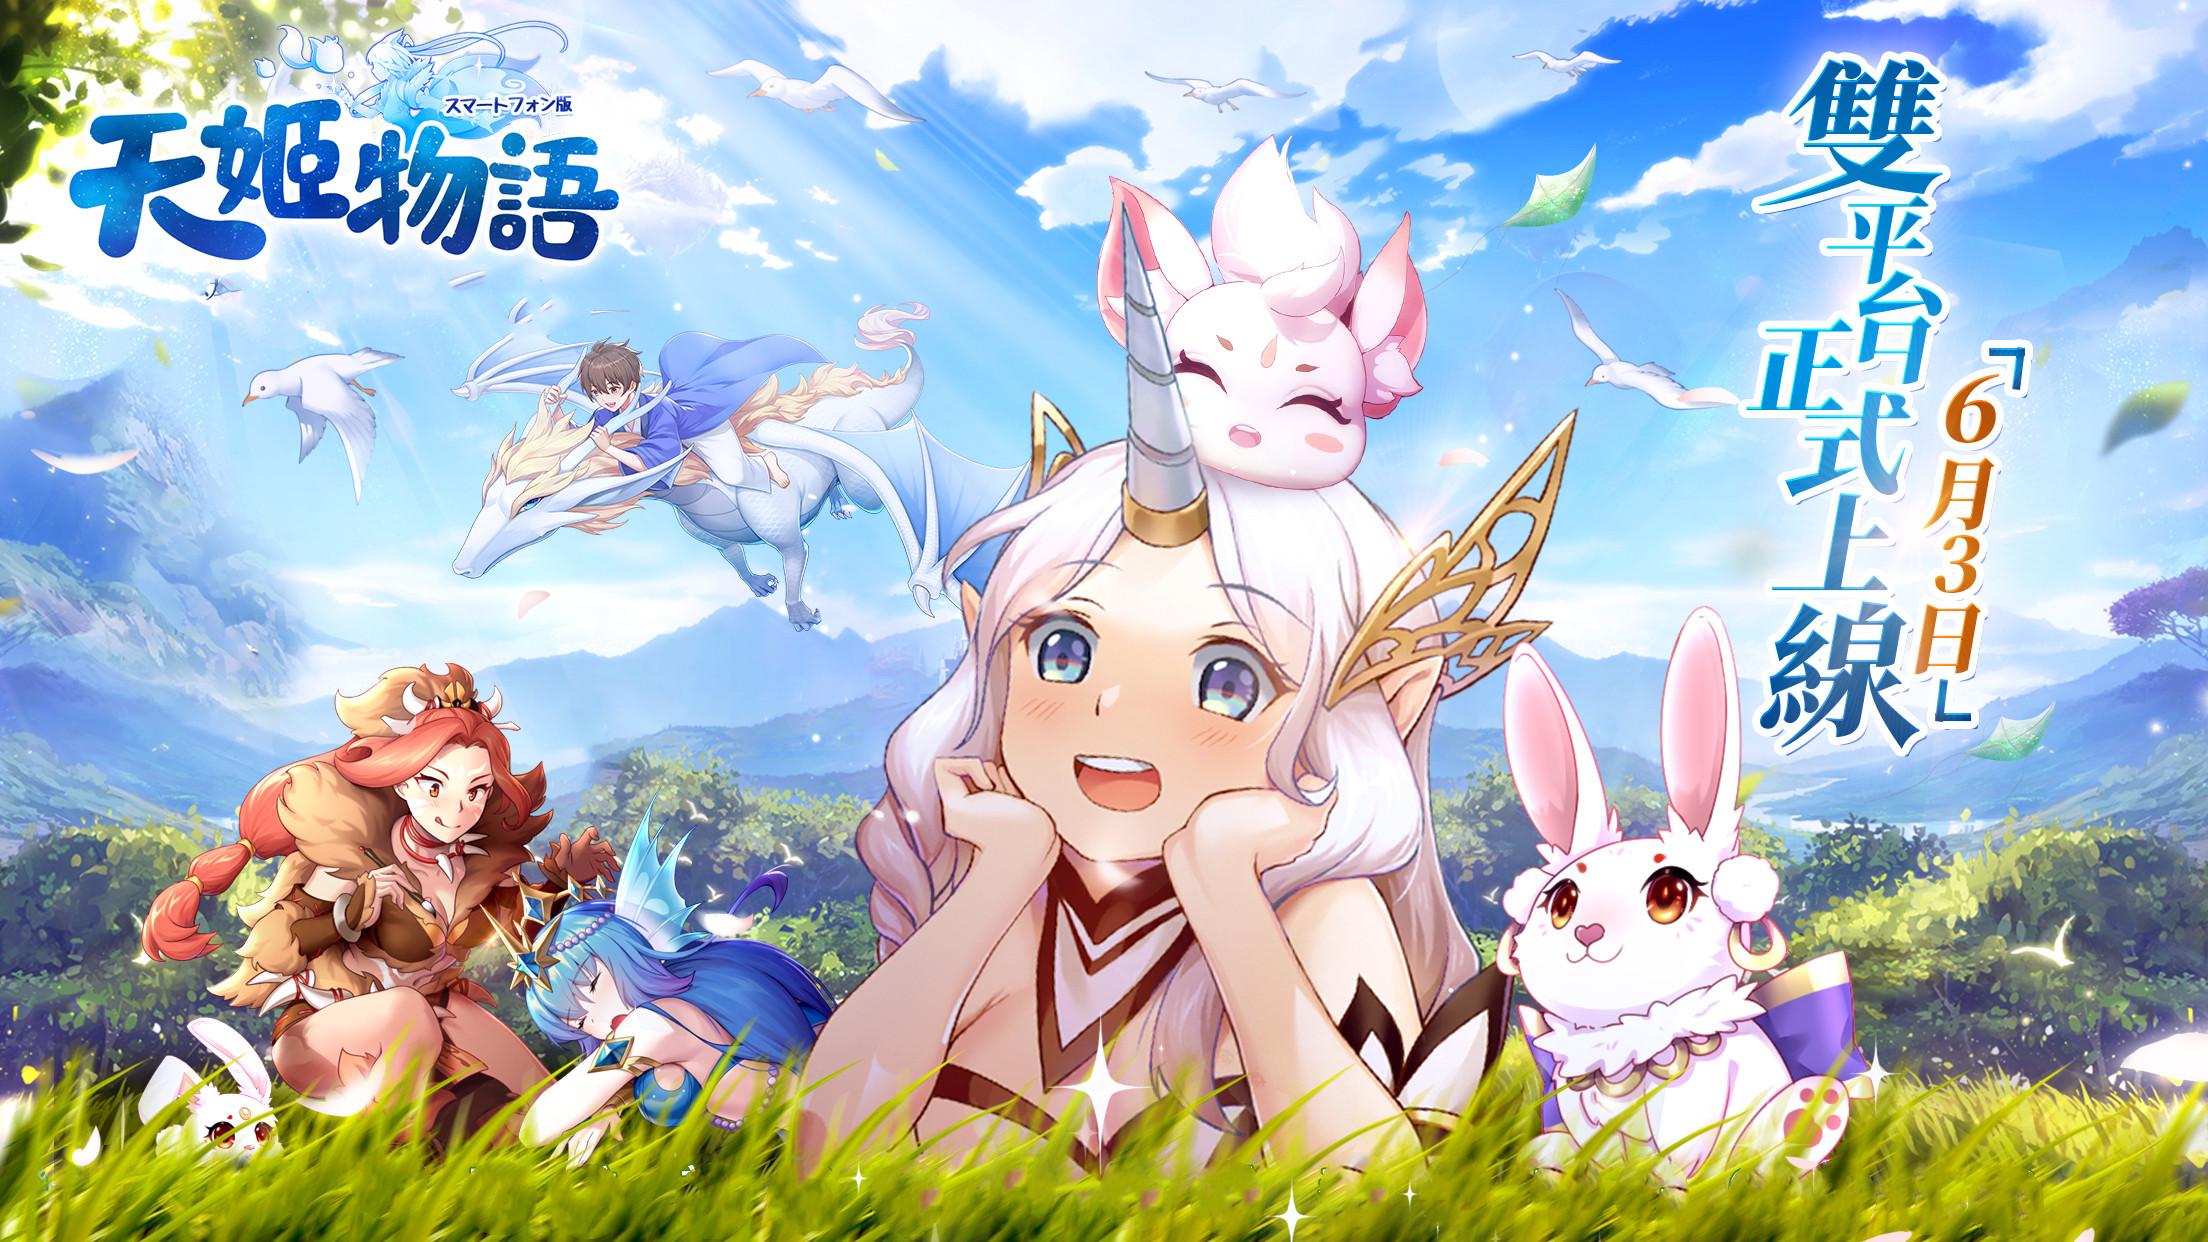 《天姬物語》宣布 6 月 3 日正式上線 ,事前登錄突破60萬人,同步釋出天姬系...